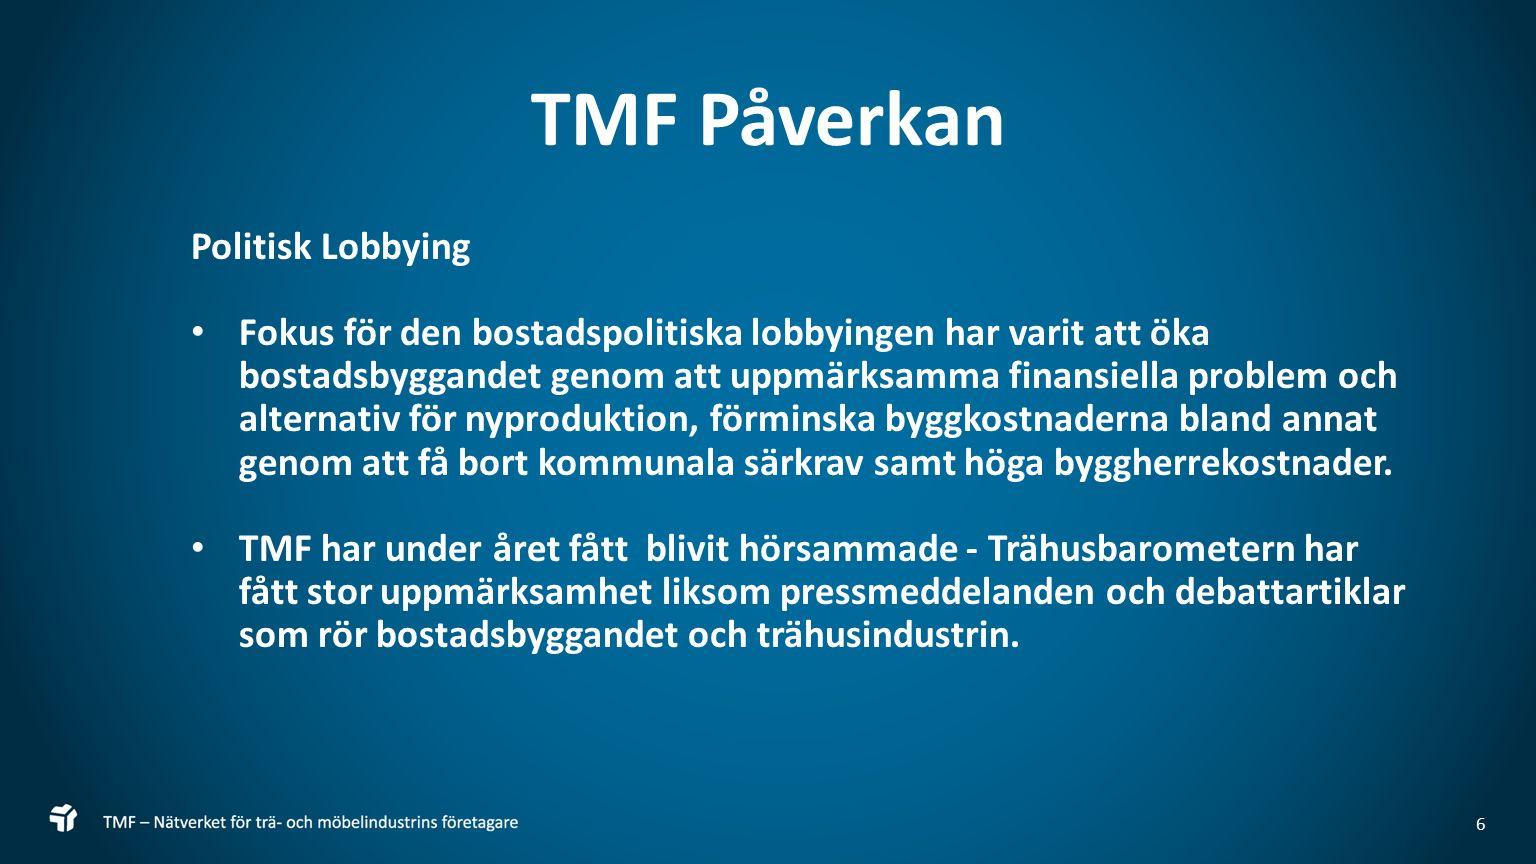 6 TMF Påverkan Politisk Lobbying Fokus för den bostadspolitiska lobbyingen har varit att öka bostadsbyggandet genom att uppmärksamma finansiella problem och alternativ för nyproduktion, förminska byggkostnaderna bland annat genom att få bort kommunala särkrav samt höga byggherrekostnader.